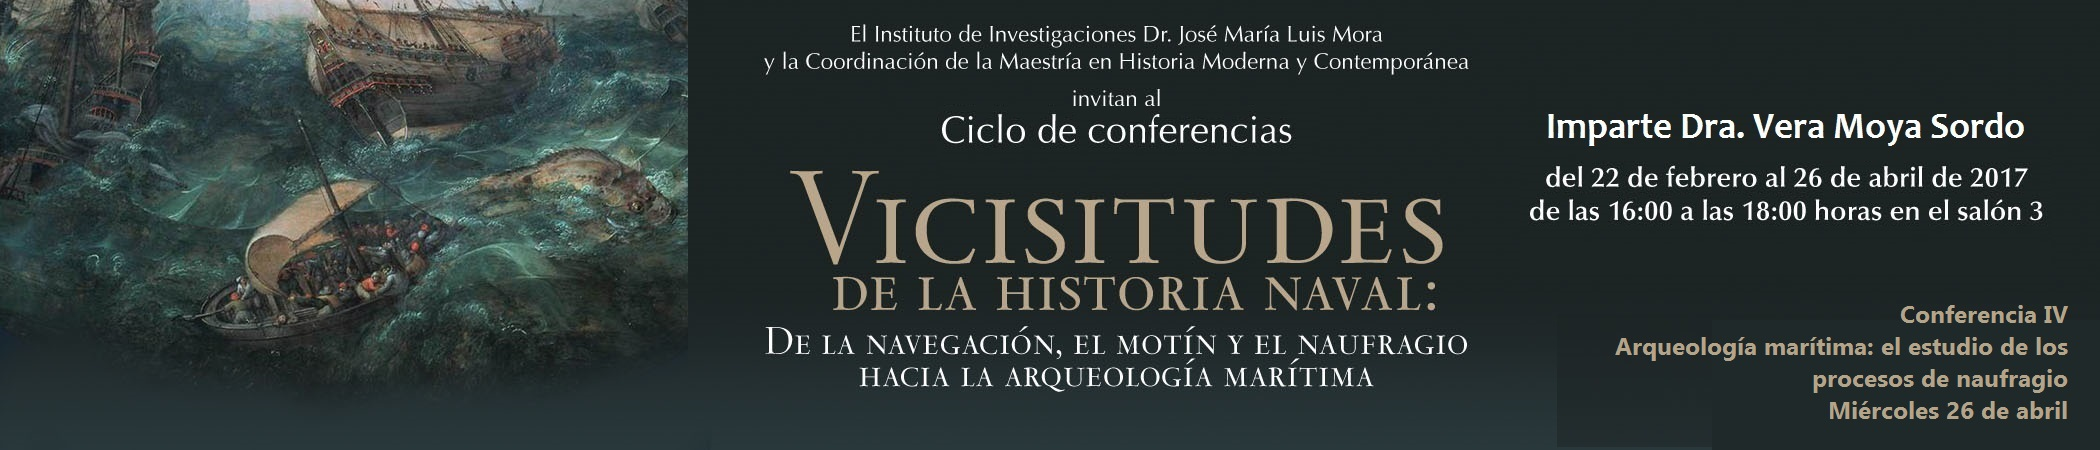 Ciclo de conferencias Vicisitudes de la historia naval